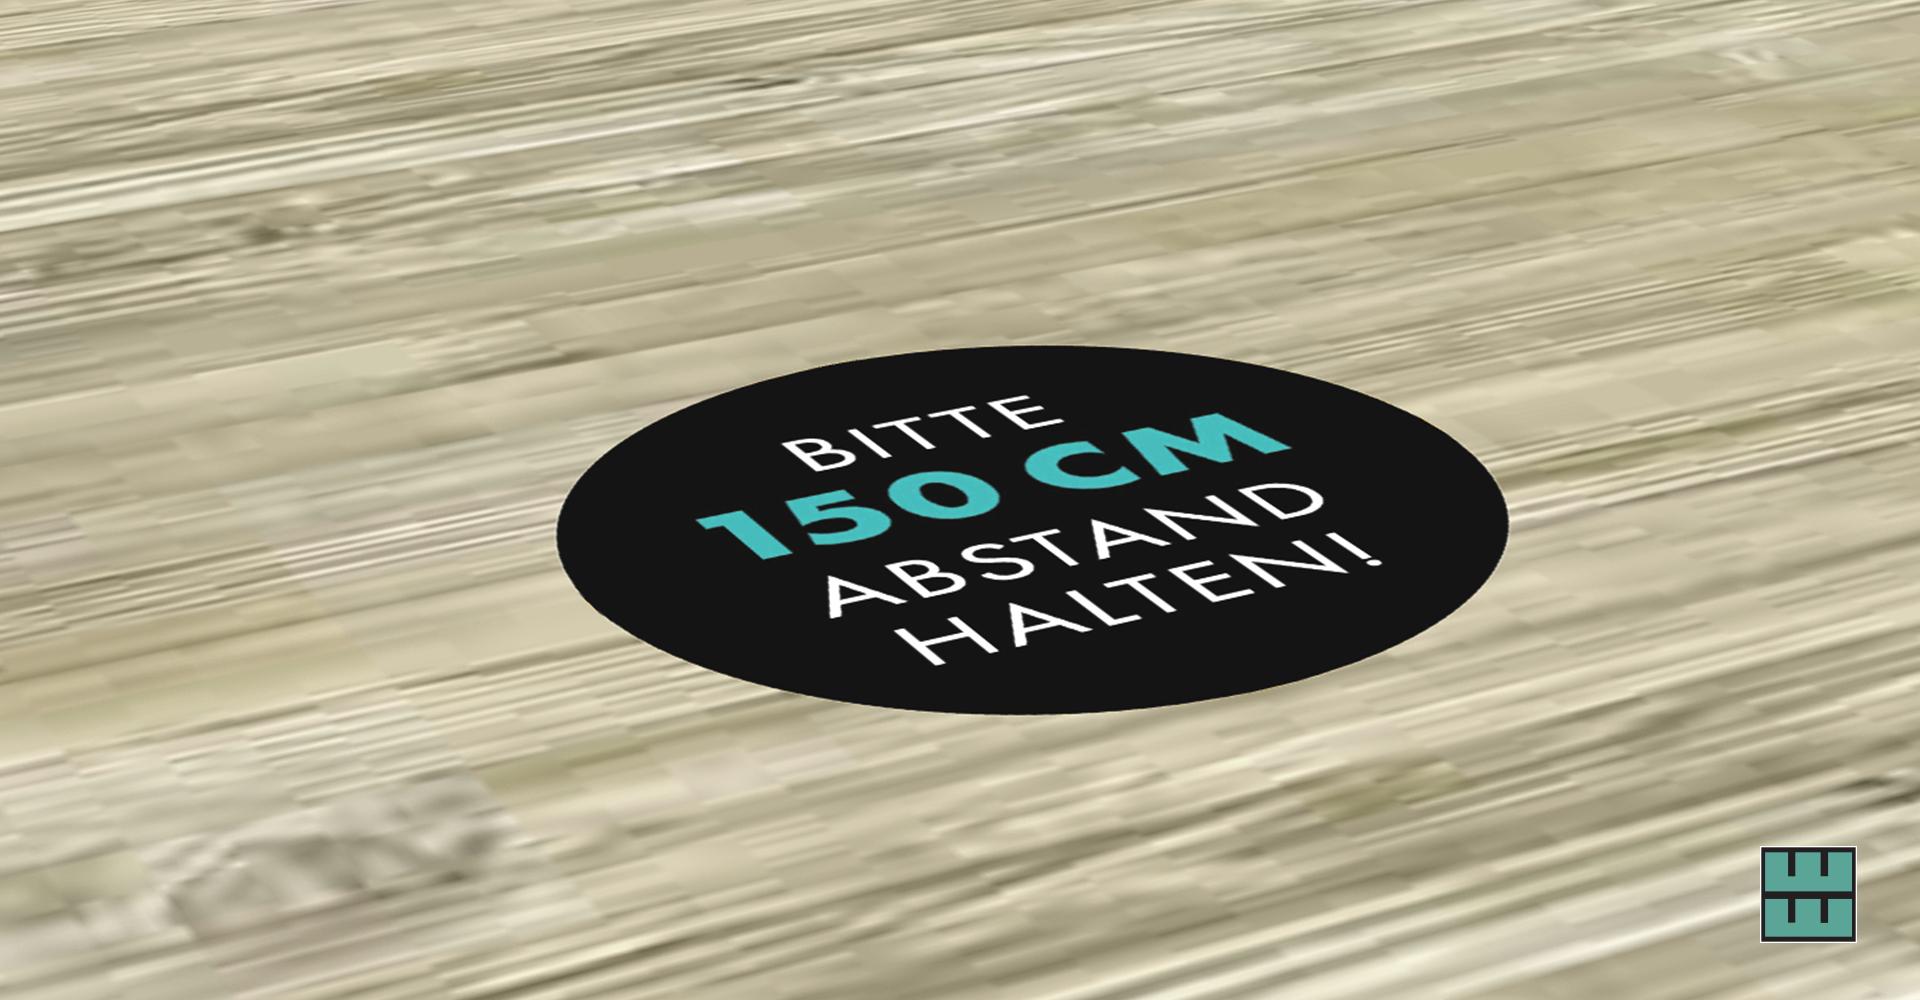 Ab dem 11.05.2020 darf die Gastronomie wieder öffnen! Jetzt Hygieneschutz sichern: Boden-Aufkleber als Abstandshalter